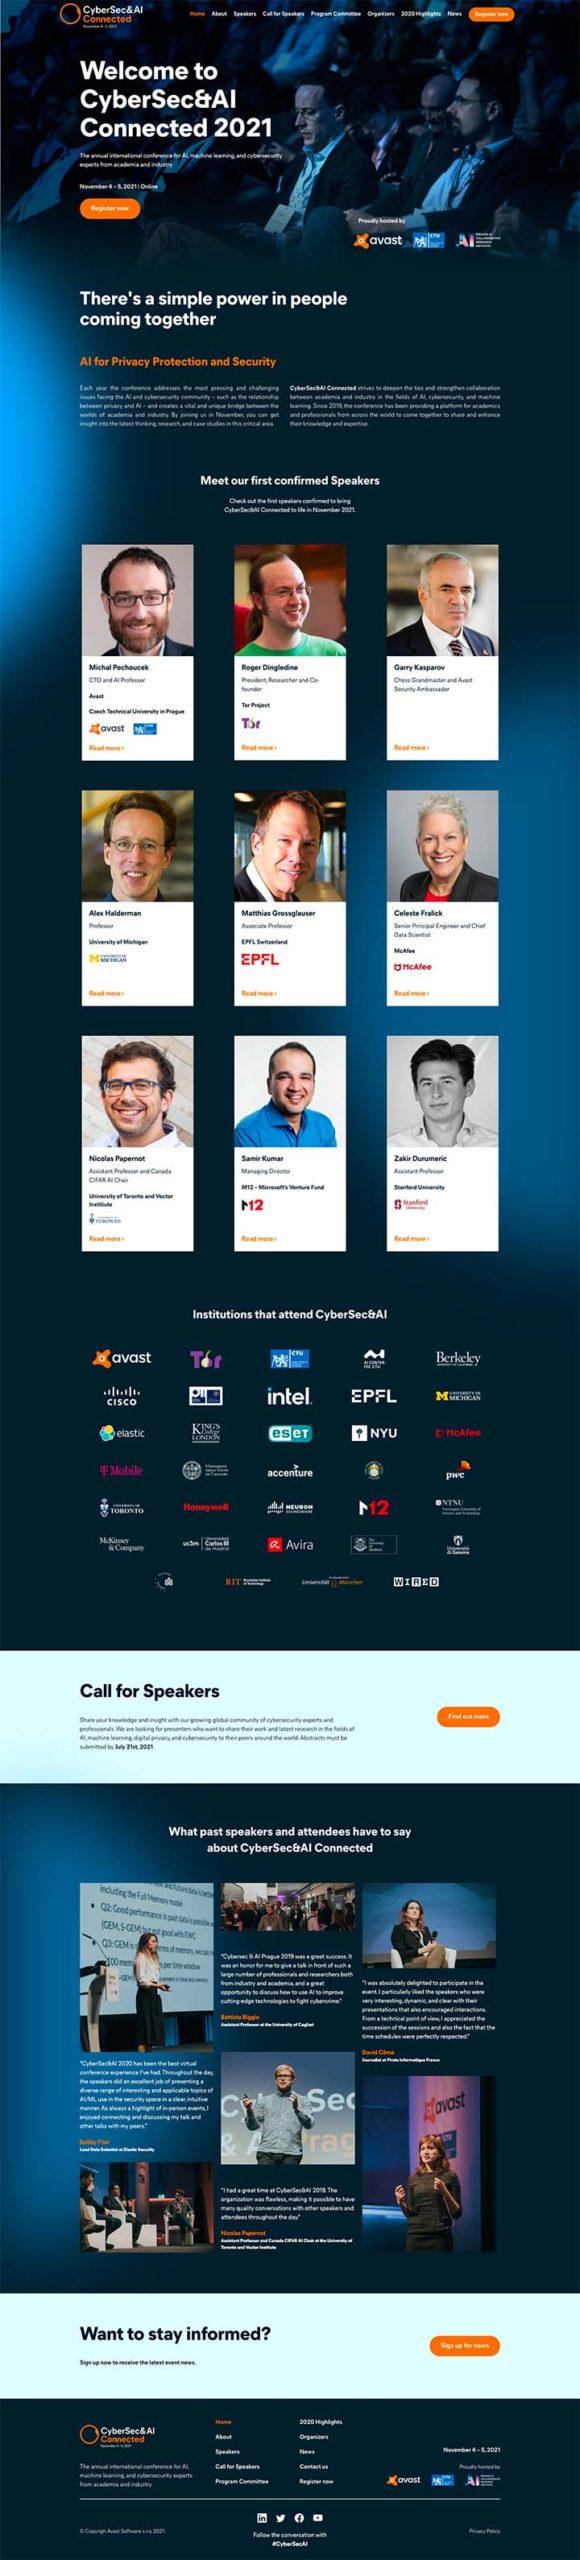 avast event online conference website design